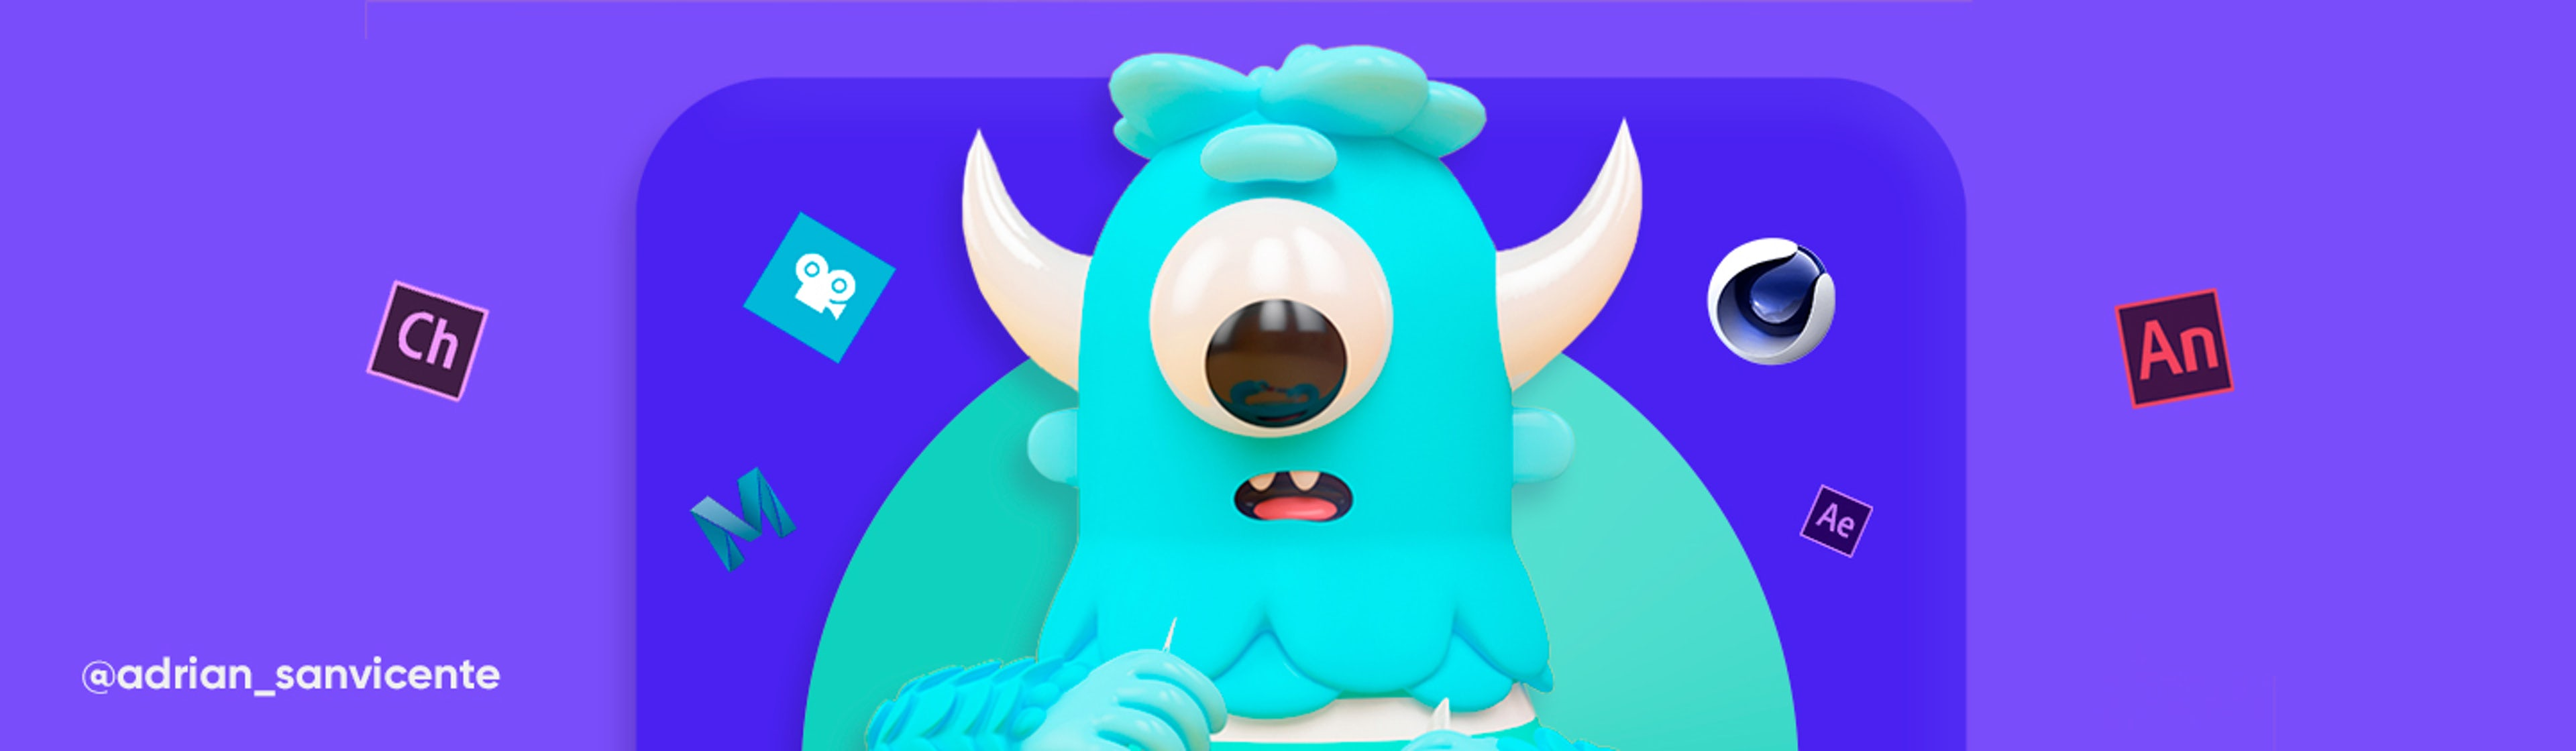 Los mejores softwares para animación 2D y 3D 2021: haz realidad tus ideas